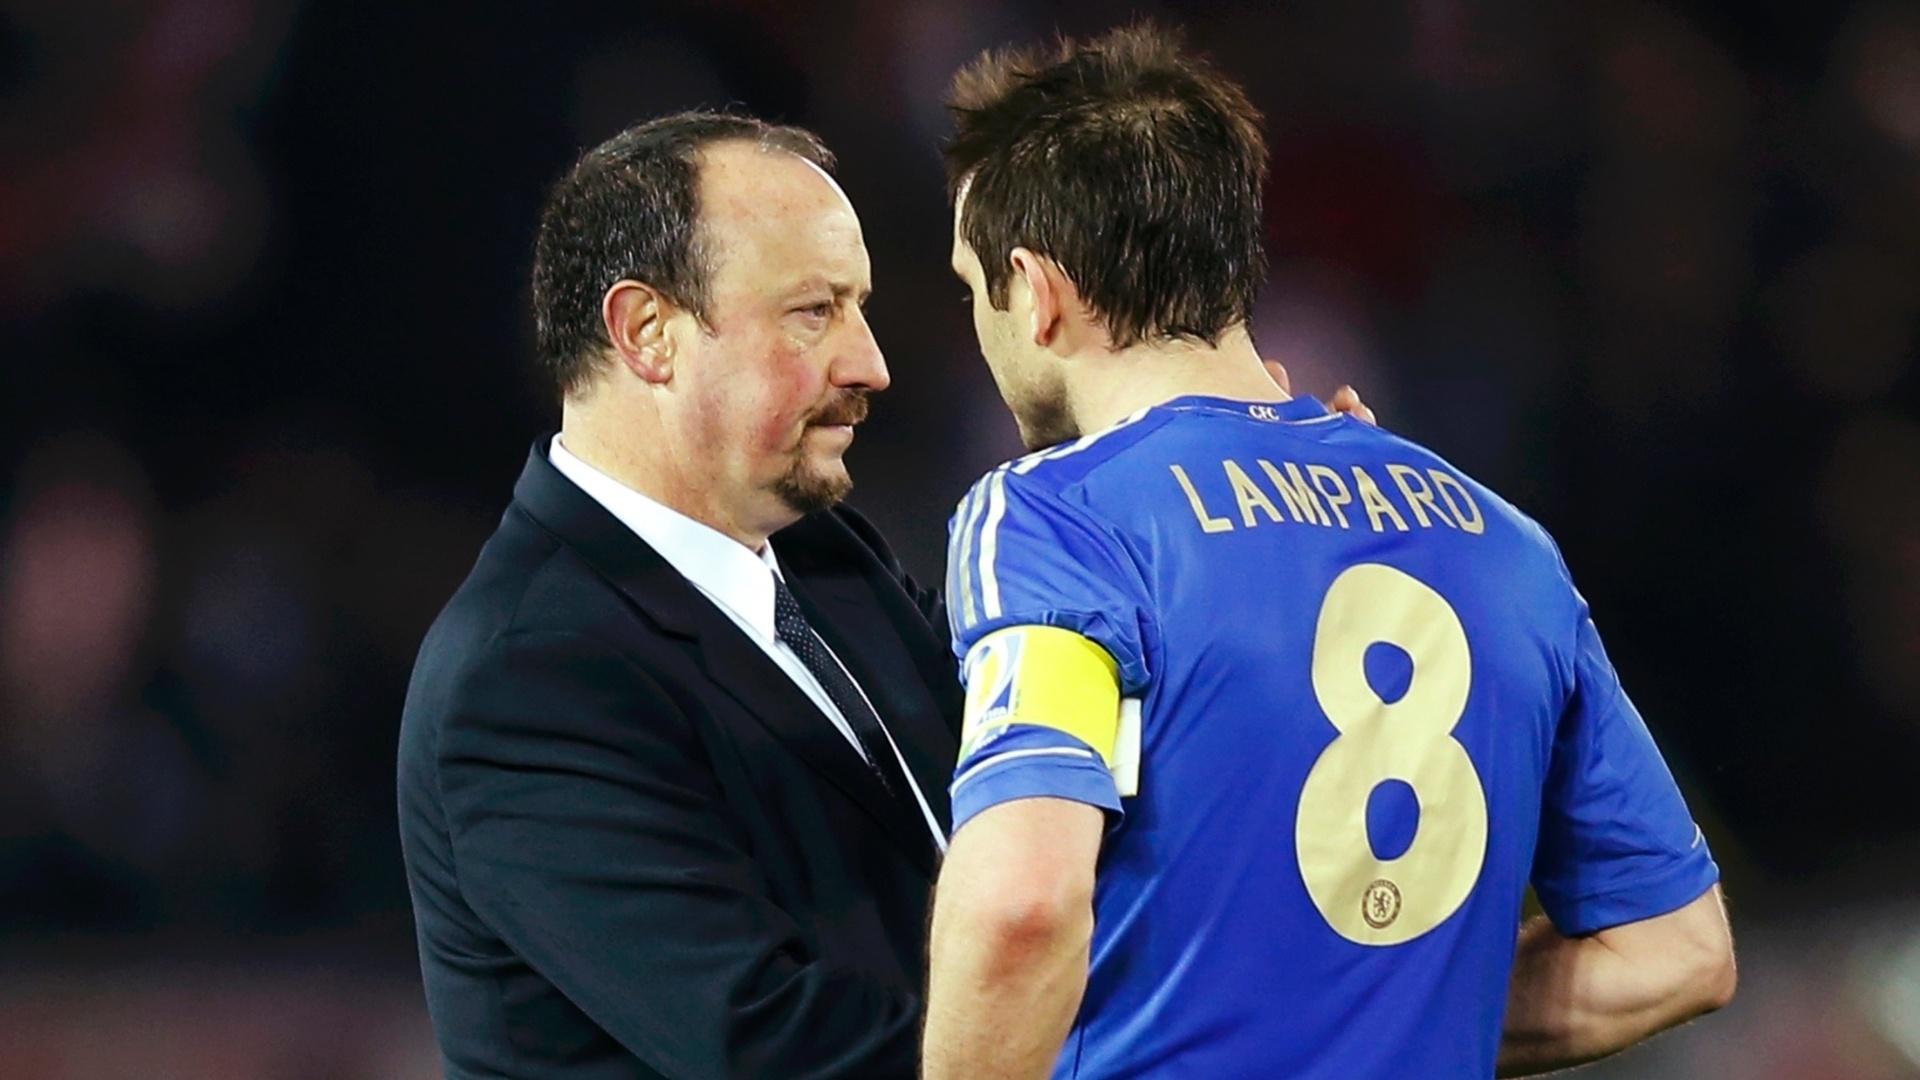 16.dez.2012 - Técnico Rafa Benítez consola Lampard, capitão do Chelsea, após derrota por 1 a 0 do time inglês para o Corinthians, na final do Mundial de Clubes da Fifa